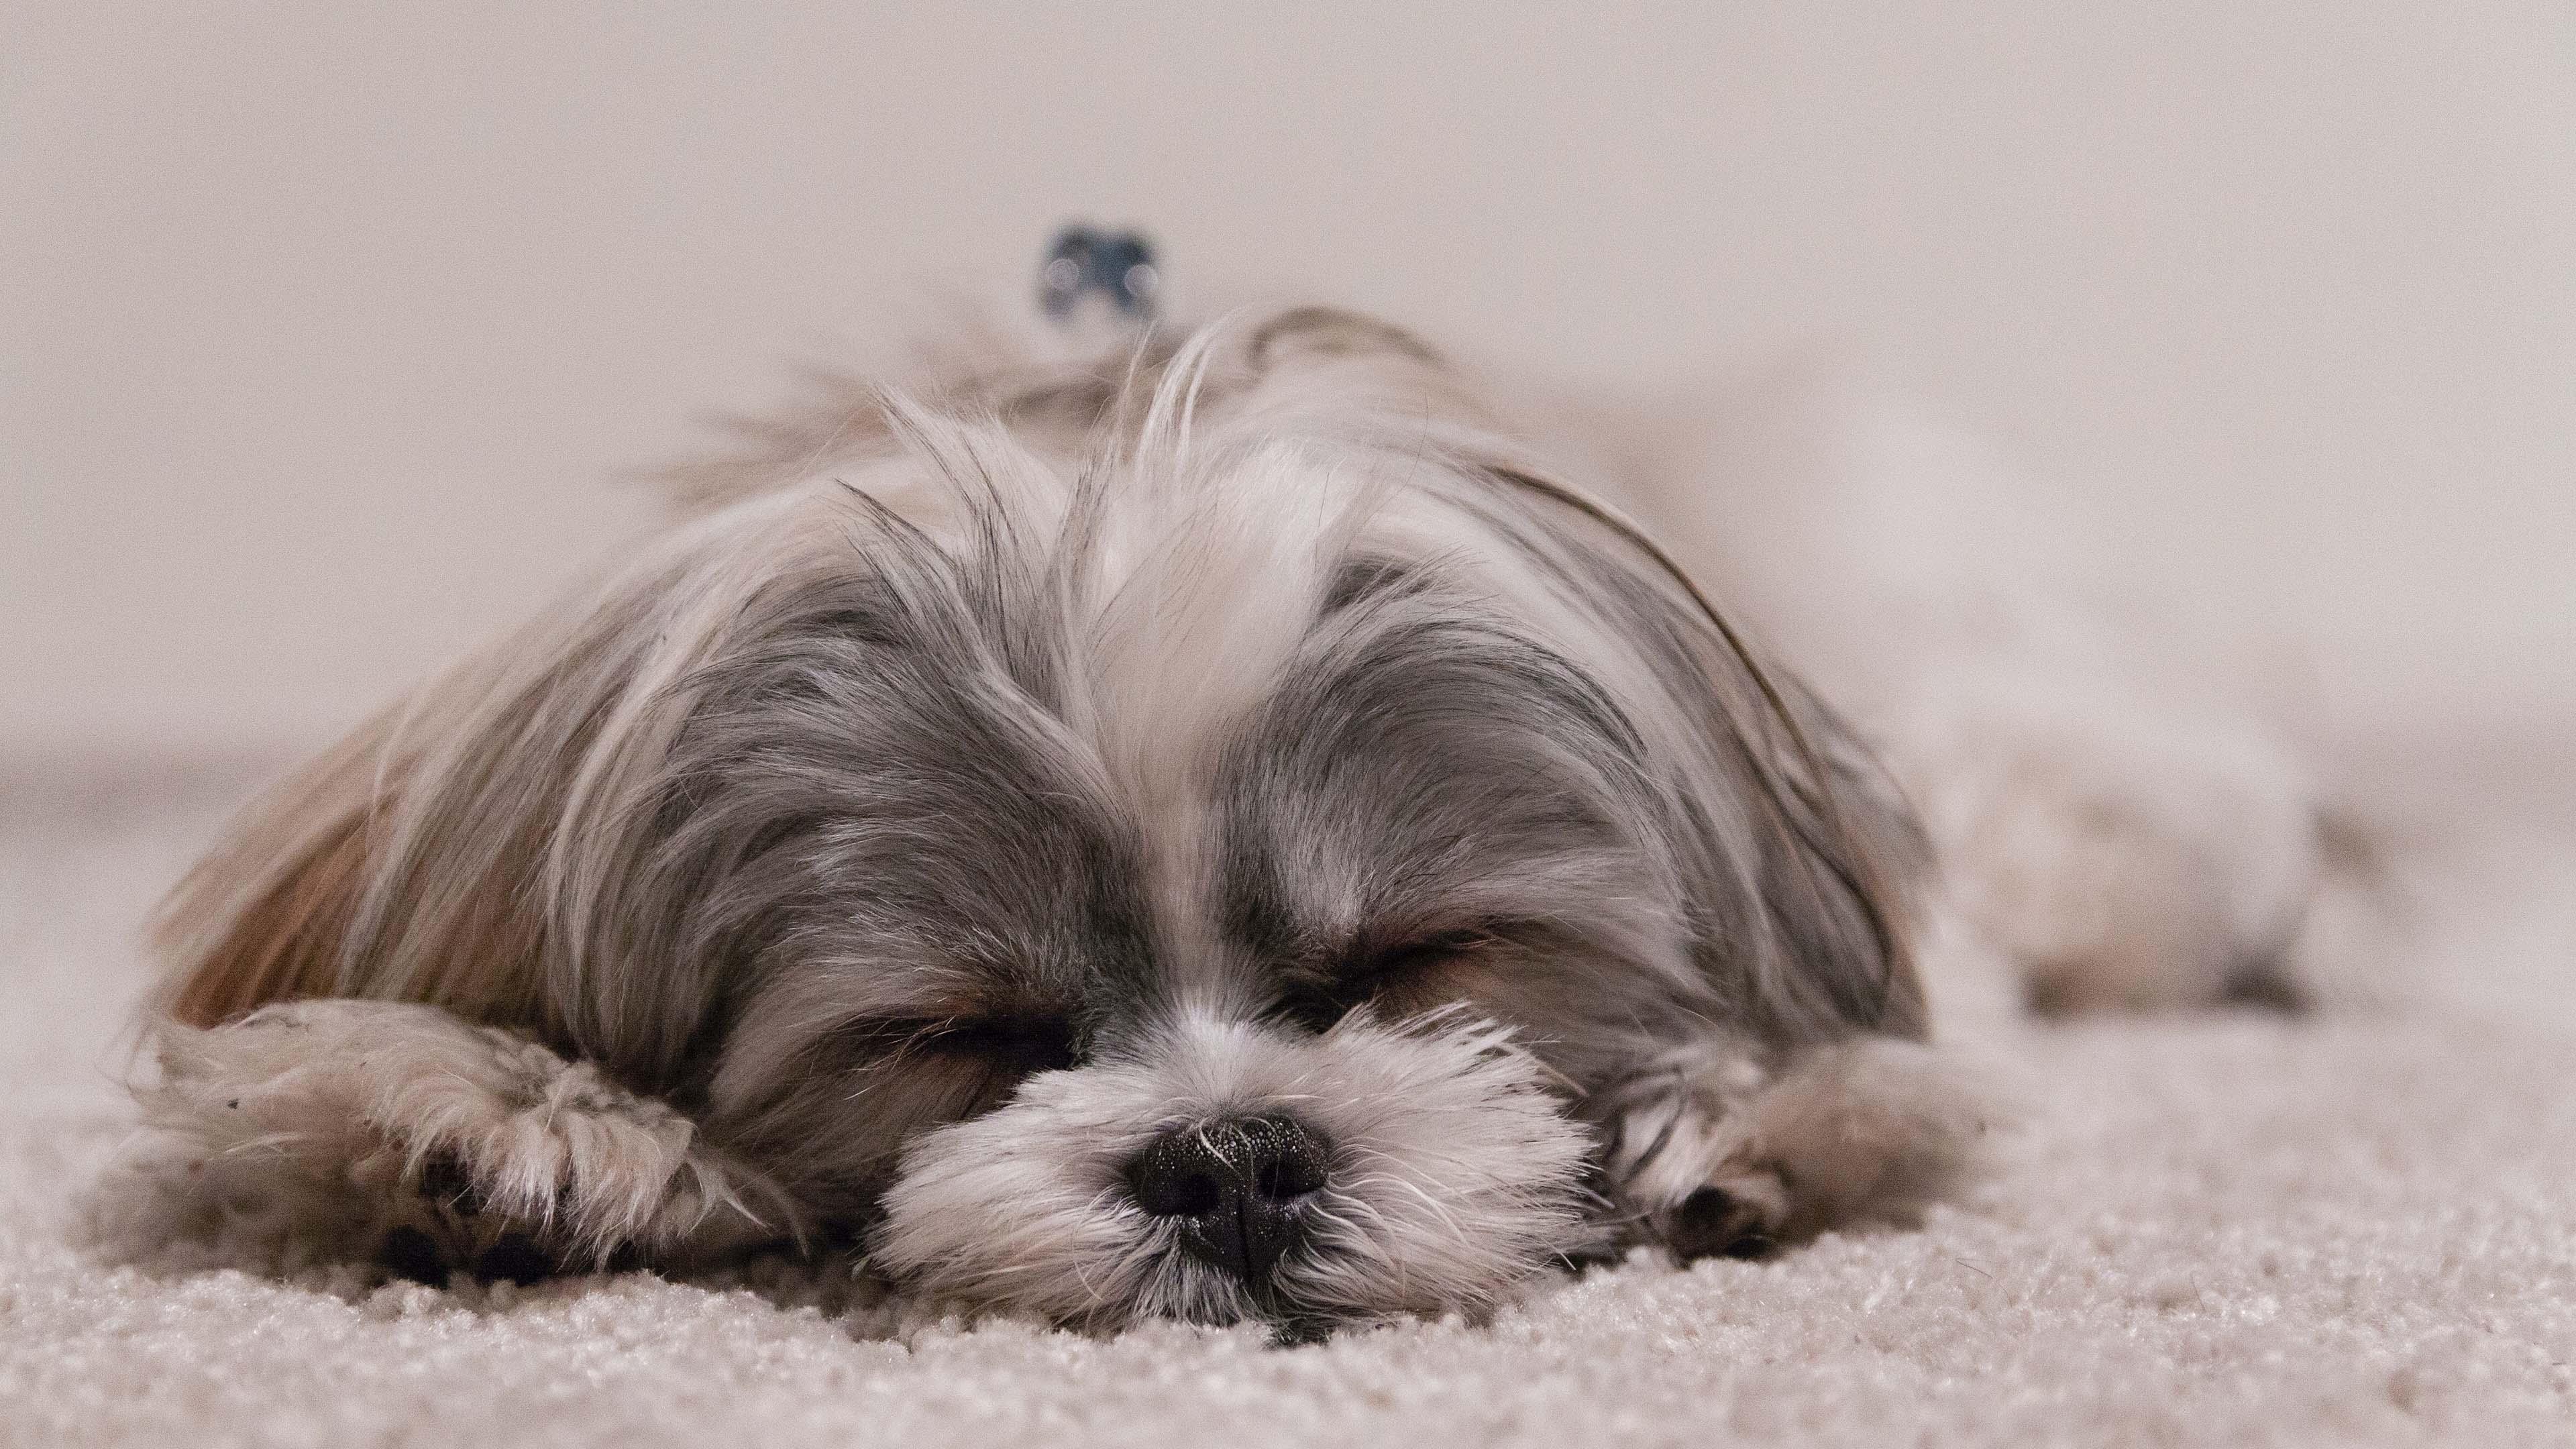 萌宠动物,汪星人,懒狗狗,可爱,睡觉